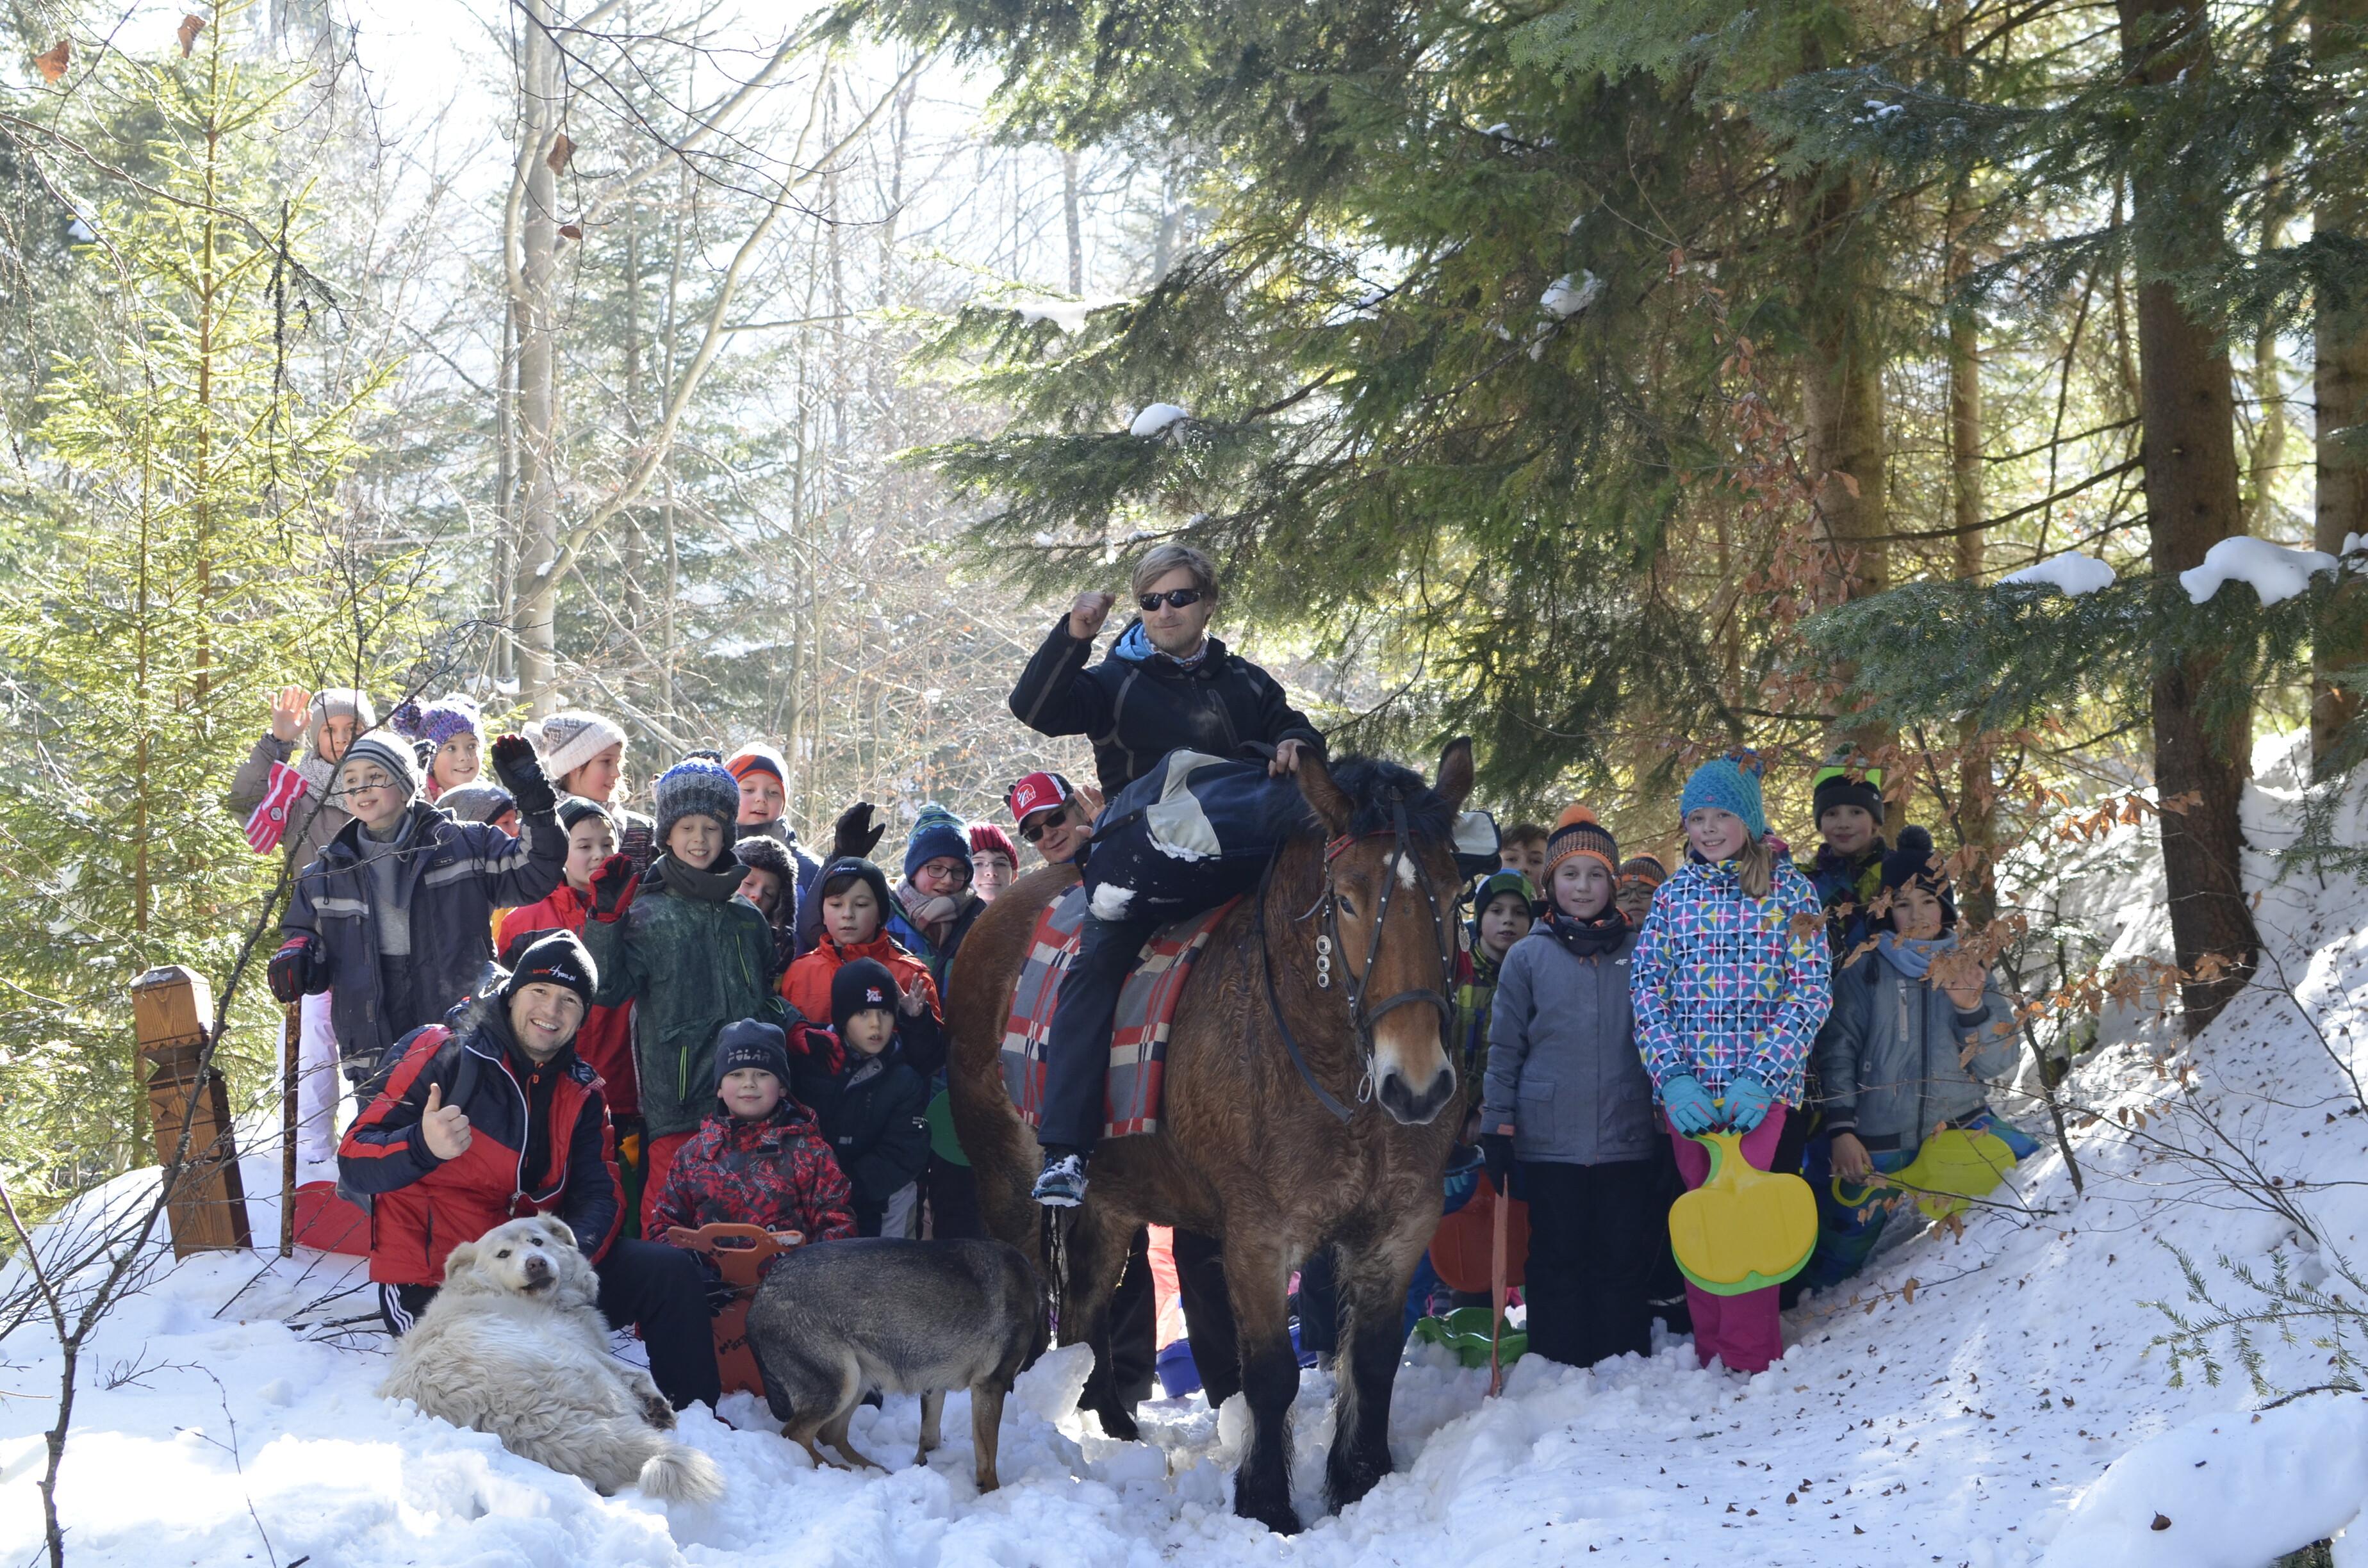 <p>W dwóch turnusach obozu zimowego w Ochotnicy Górnej uczestniczyło ponad 100 osób (28 stycznia – 2 lutego 2017, 2-5 lutego 2017)</p>